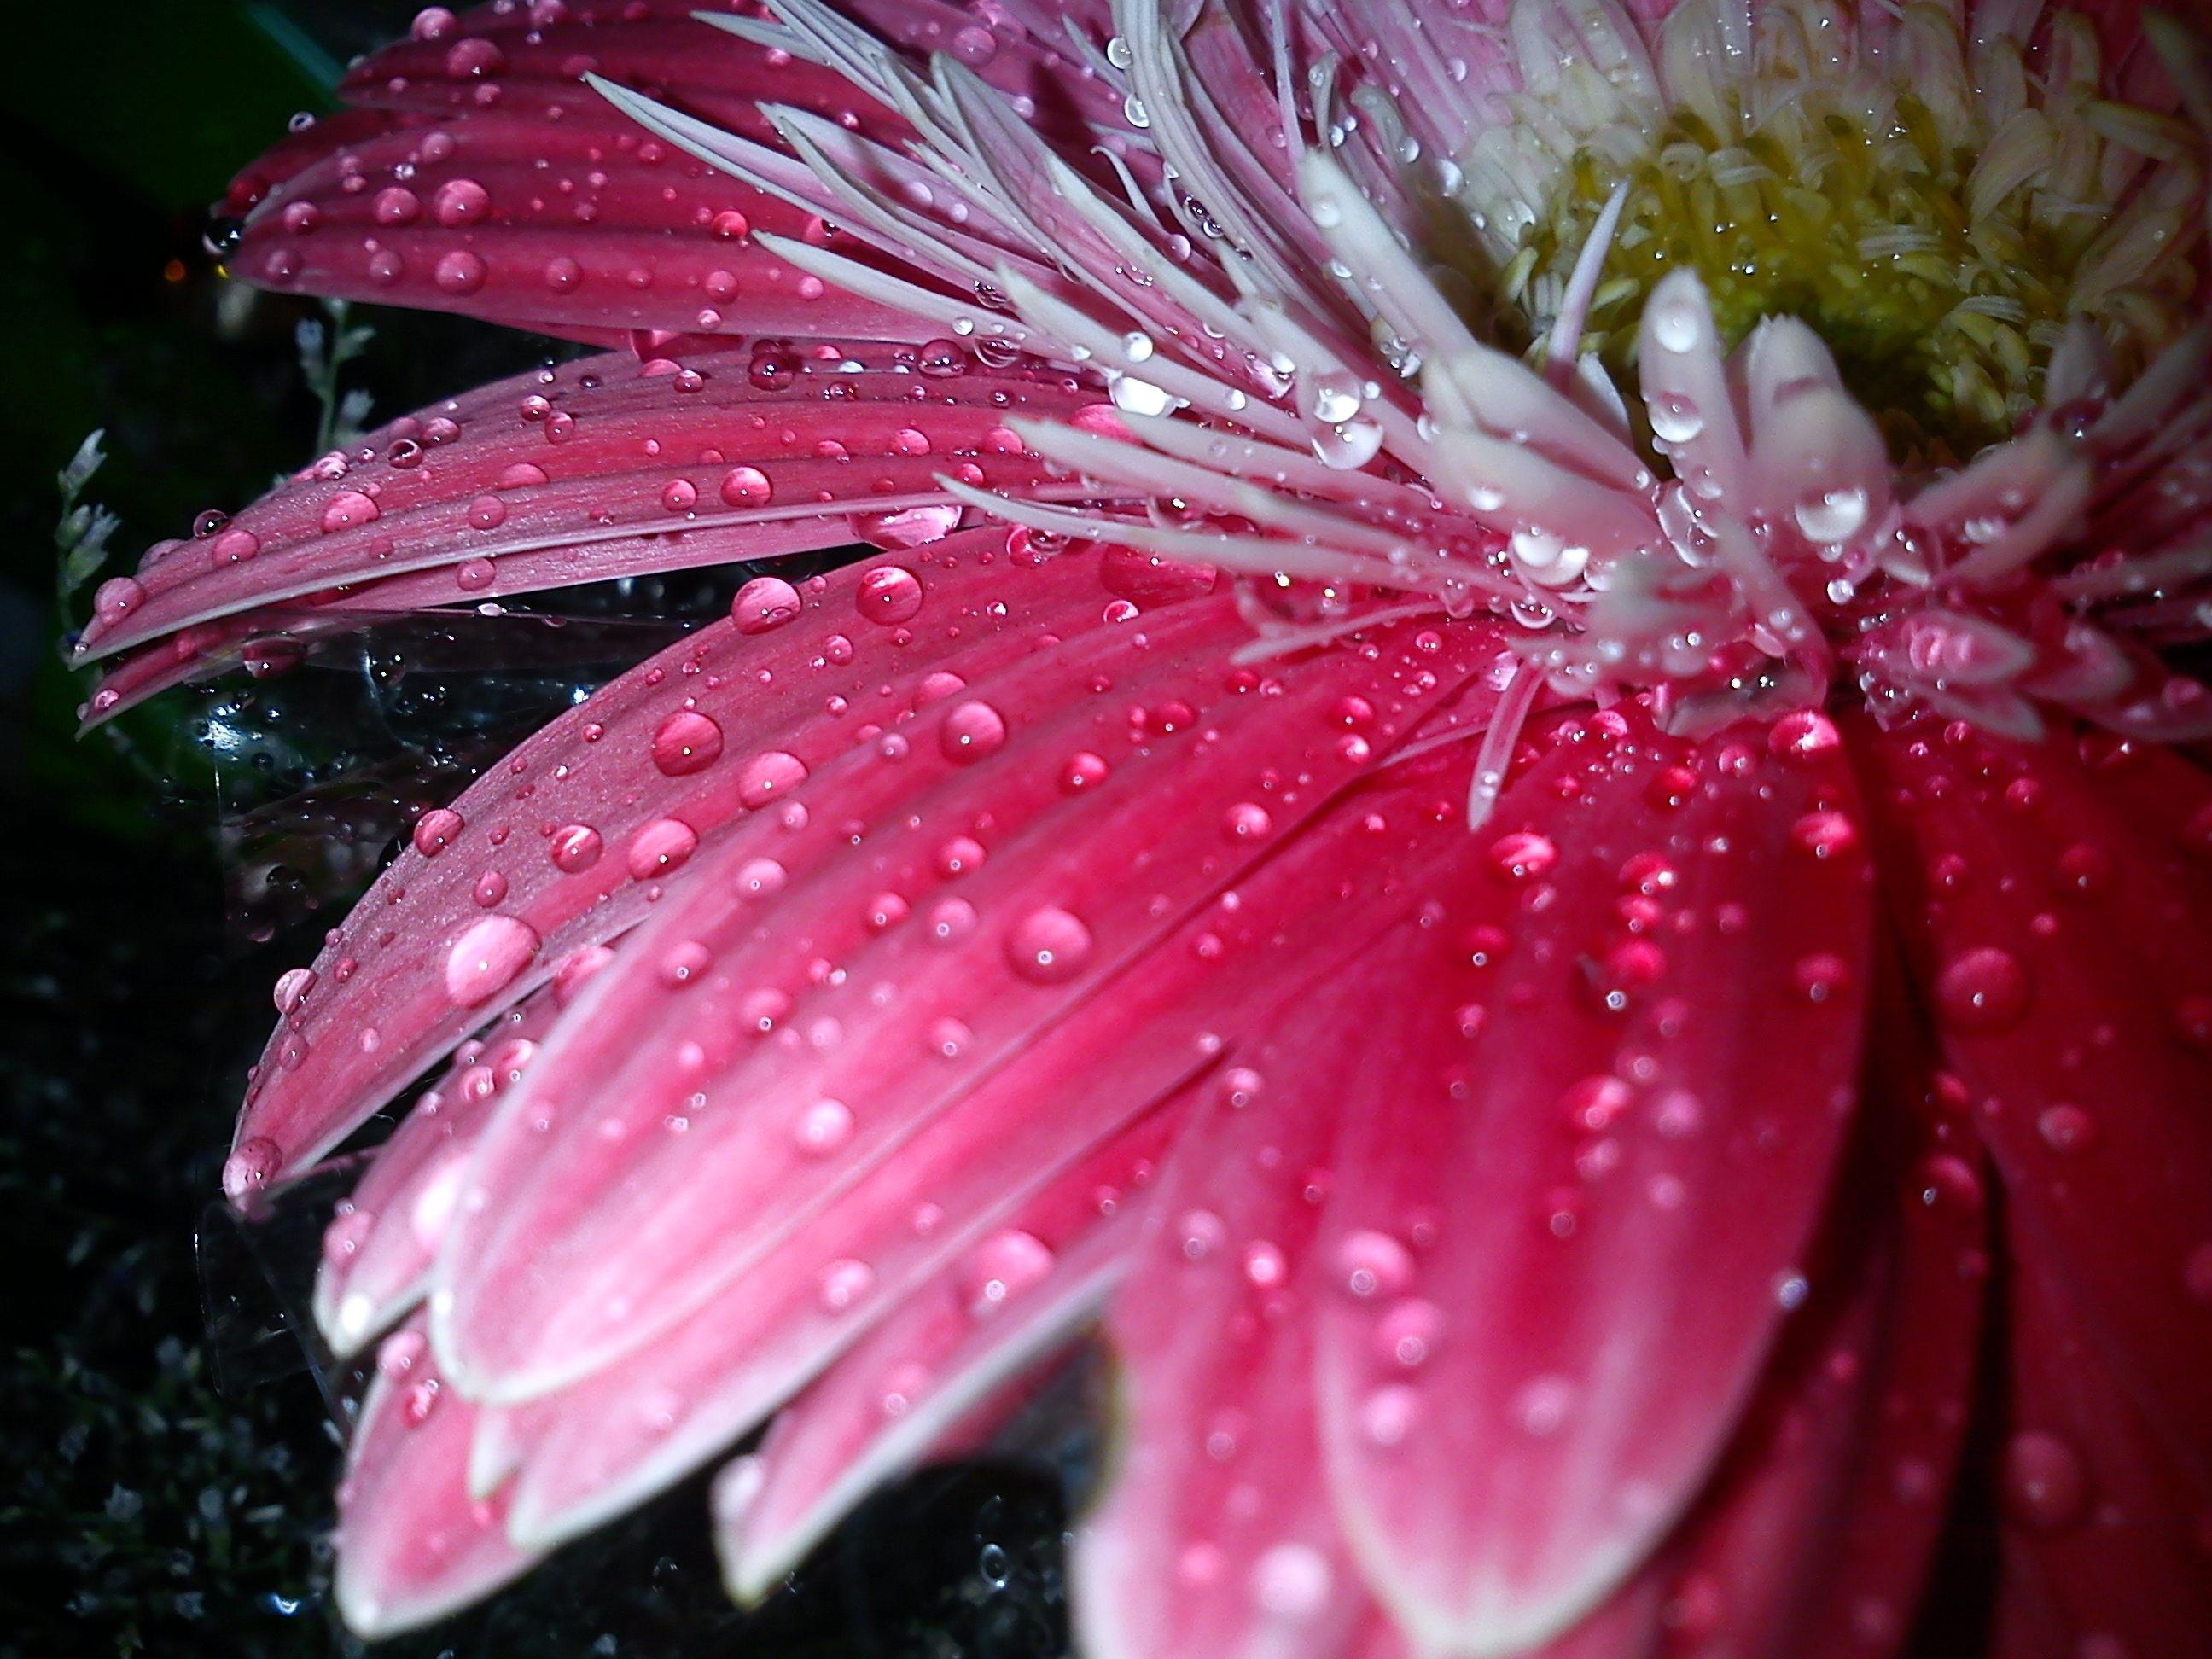 декоративный сорт, фото цветов с каплями росы вот, тем менее